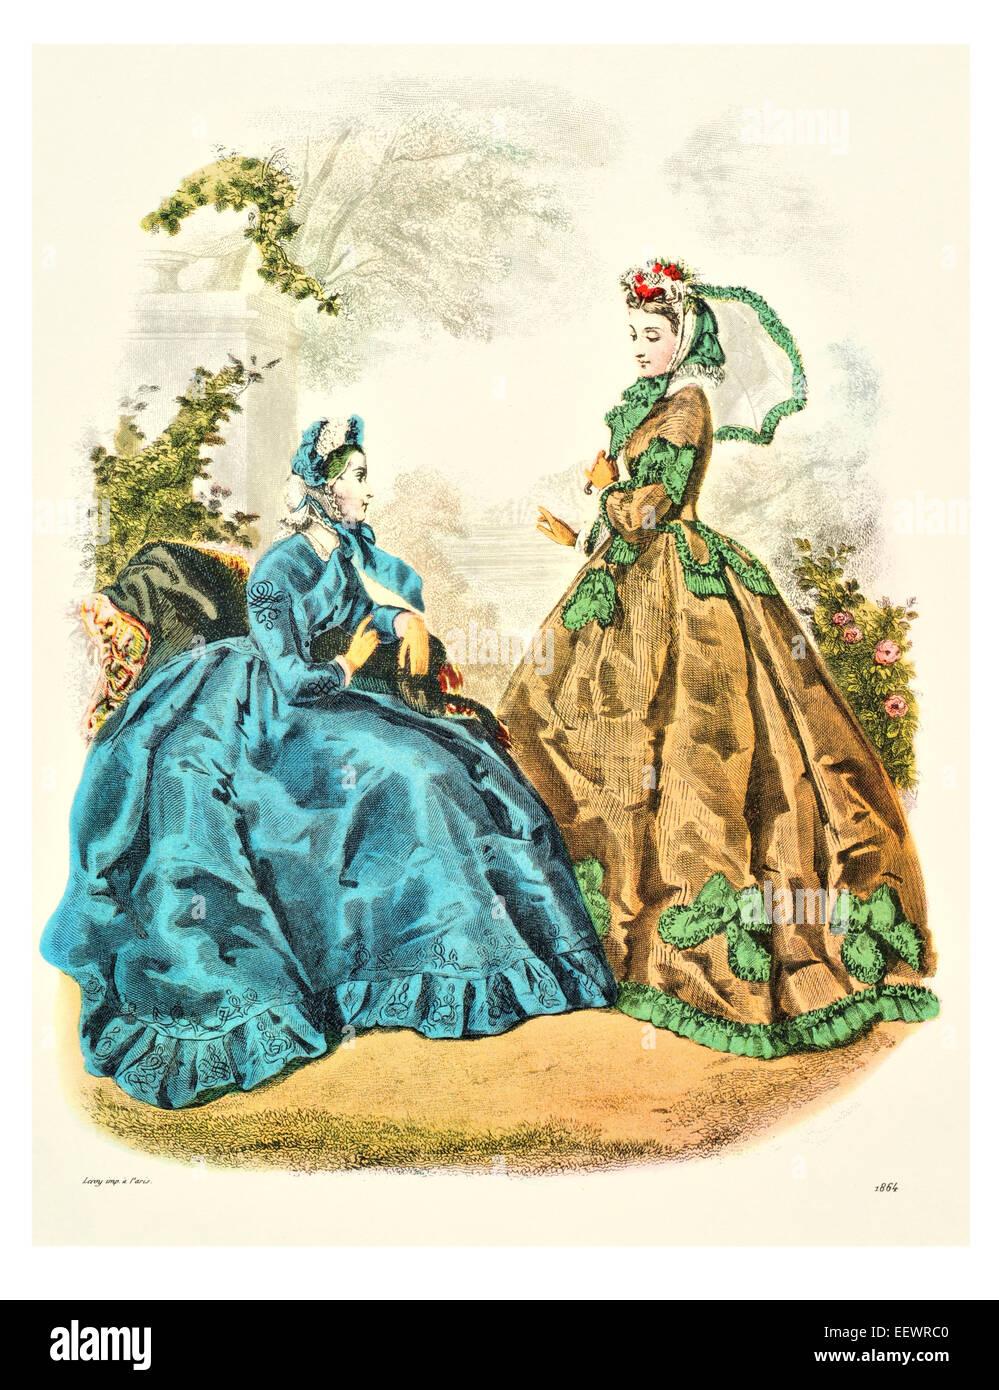 la mode illustree 1864 victorian era period costume fashion dress